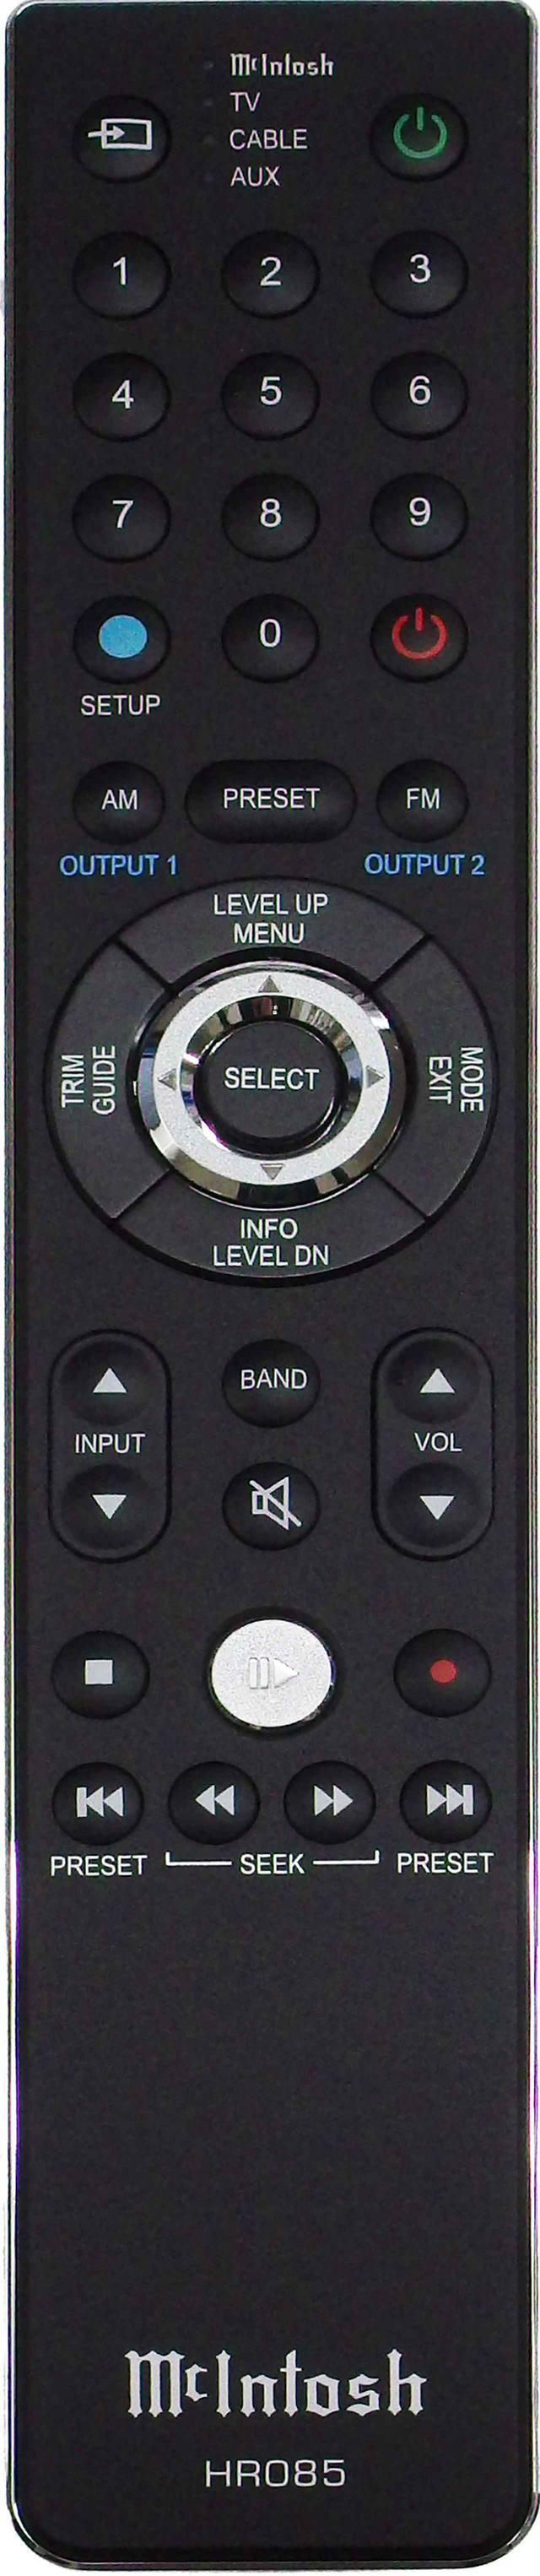 画像: 入力切替えや音量調整が可能なリモコンが付属。